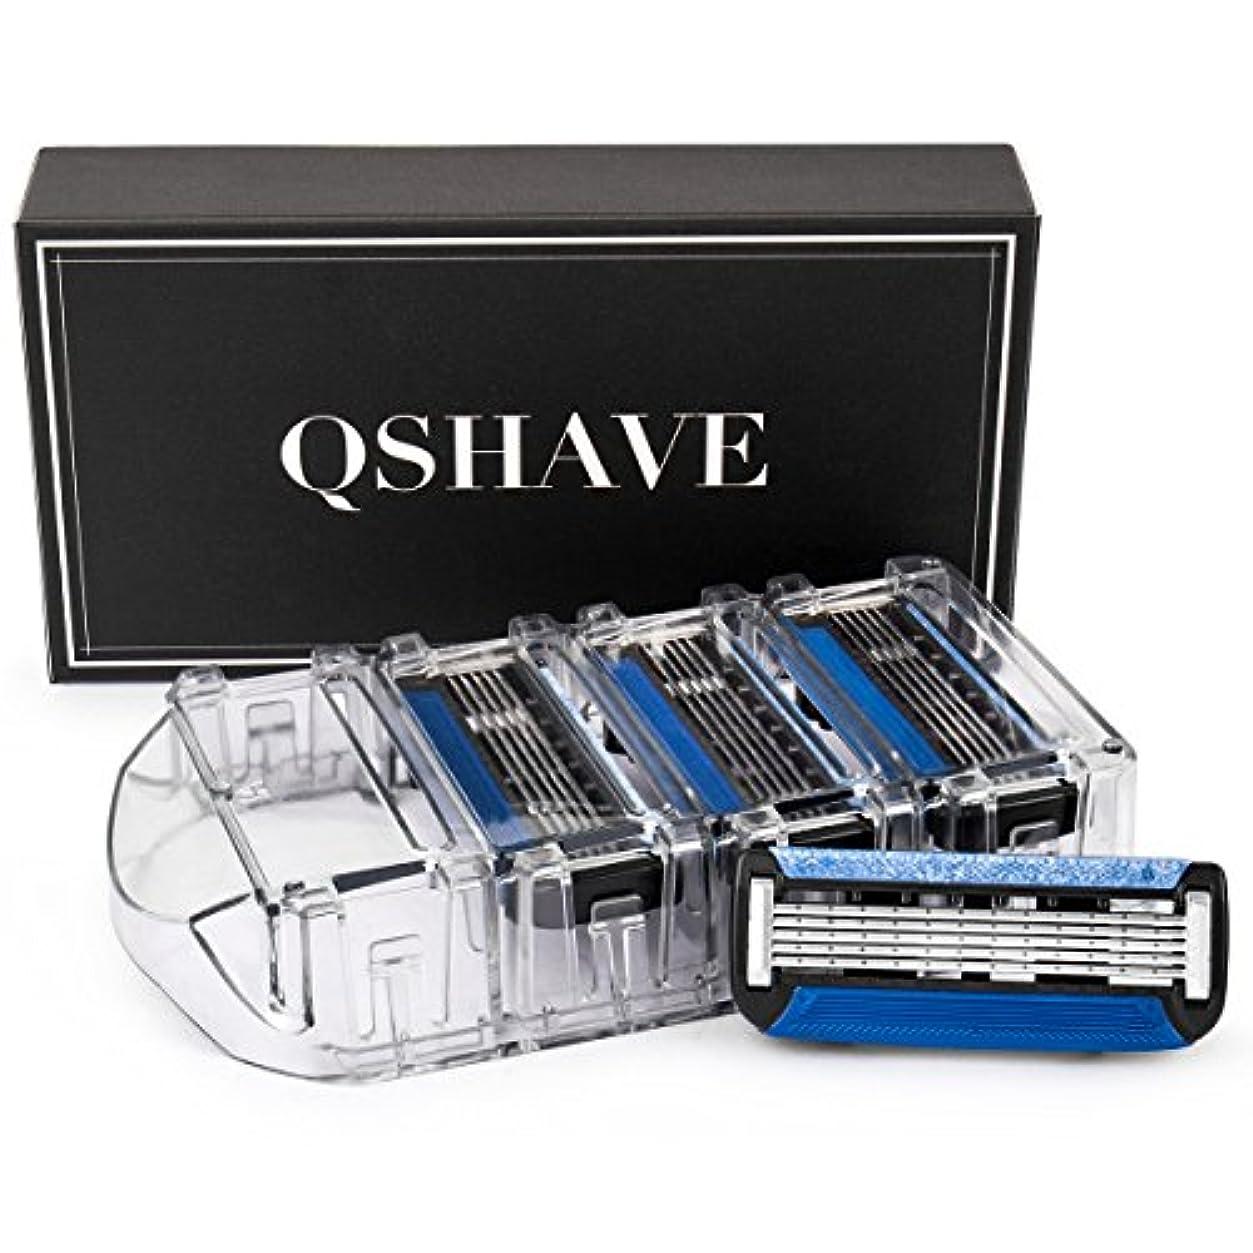 組み合わせるスポンジ扇動QSHAVEのX5 (5枚刃) カミソリ替刃カートリッジは、トリマーがドイツ製でQSHAVEブラックシリーズのカミソリにお使いいただけます。 (8つ入り)